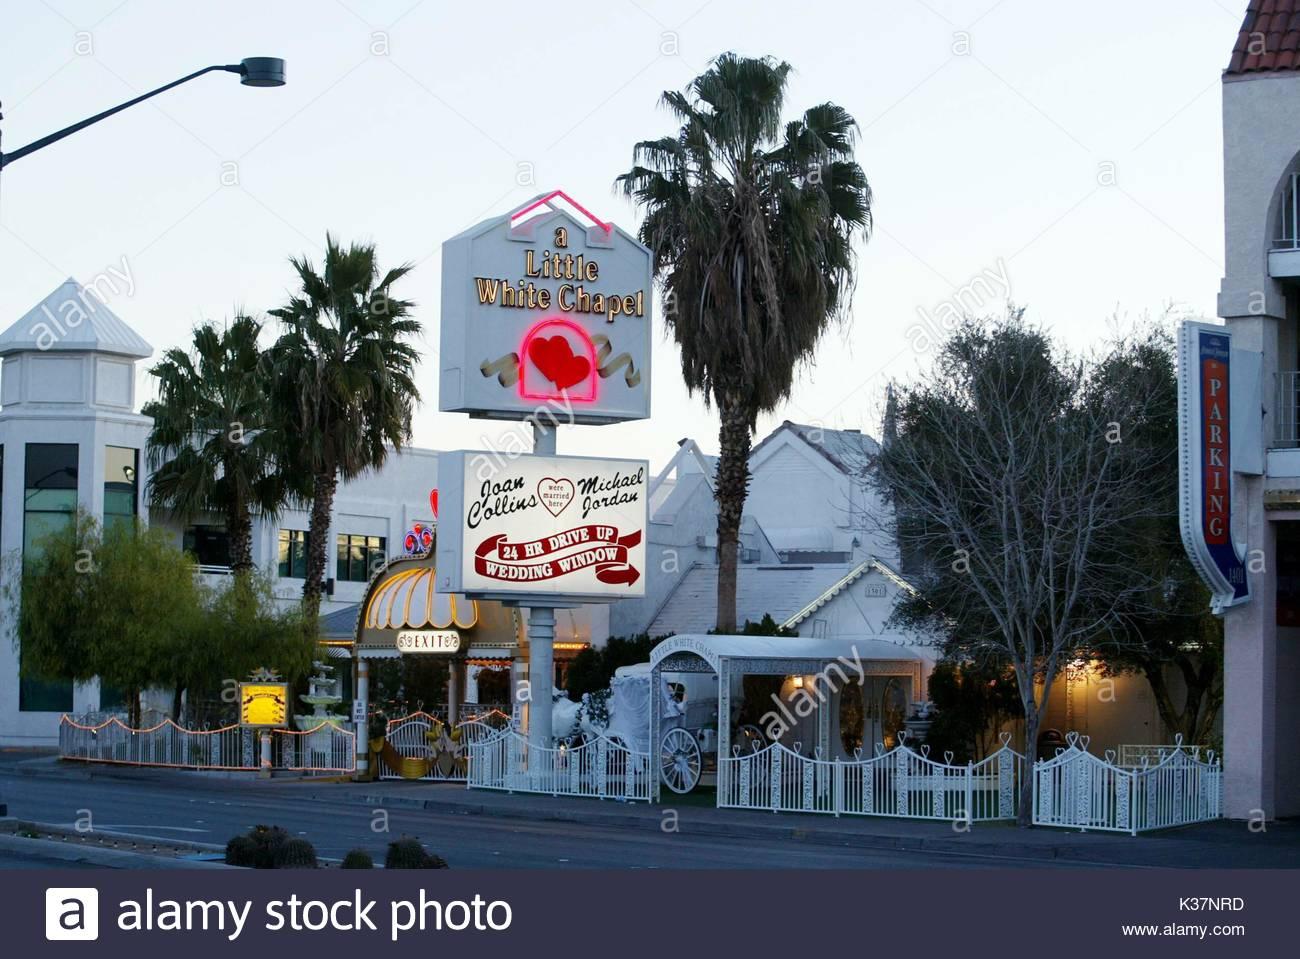 Little White Chaple Las Vegas Wedding Chapel In Where It Is